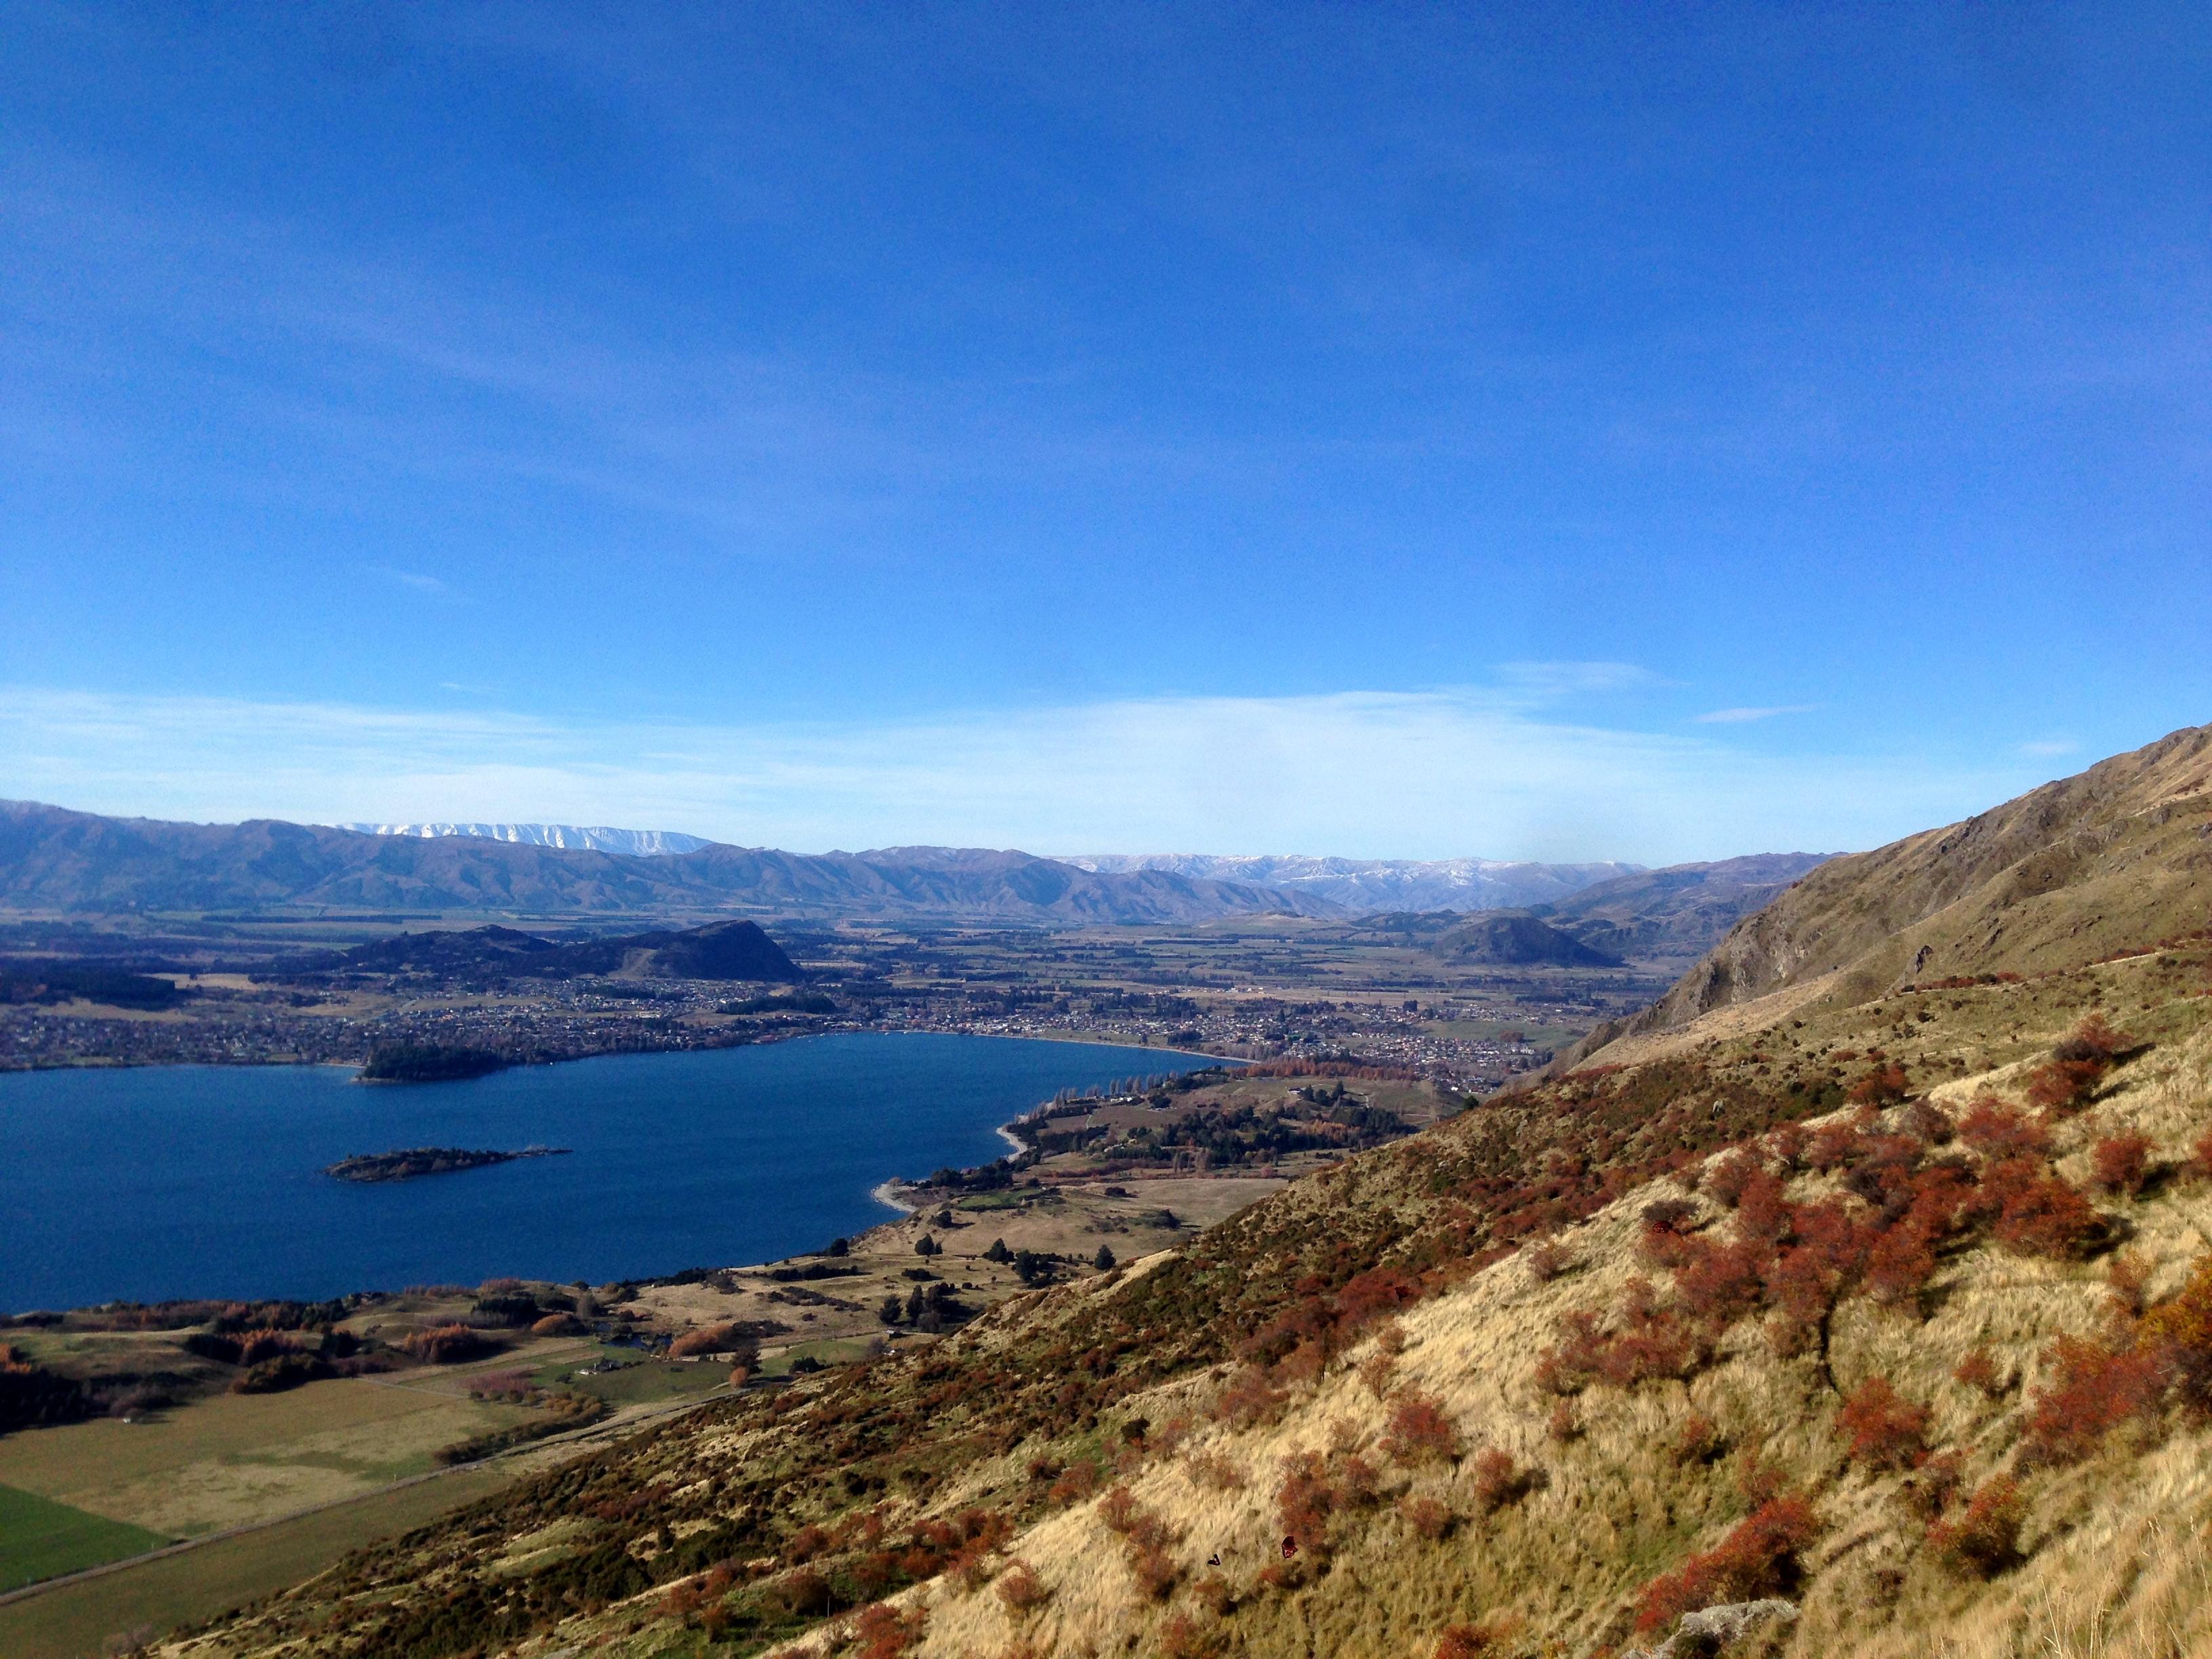 Wanaka, New Zealand from Roy's Peak Trail